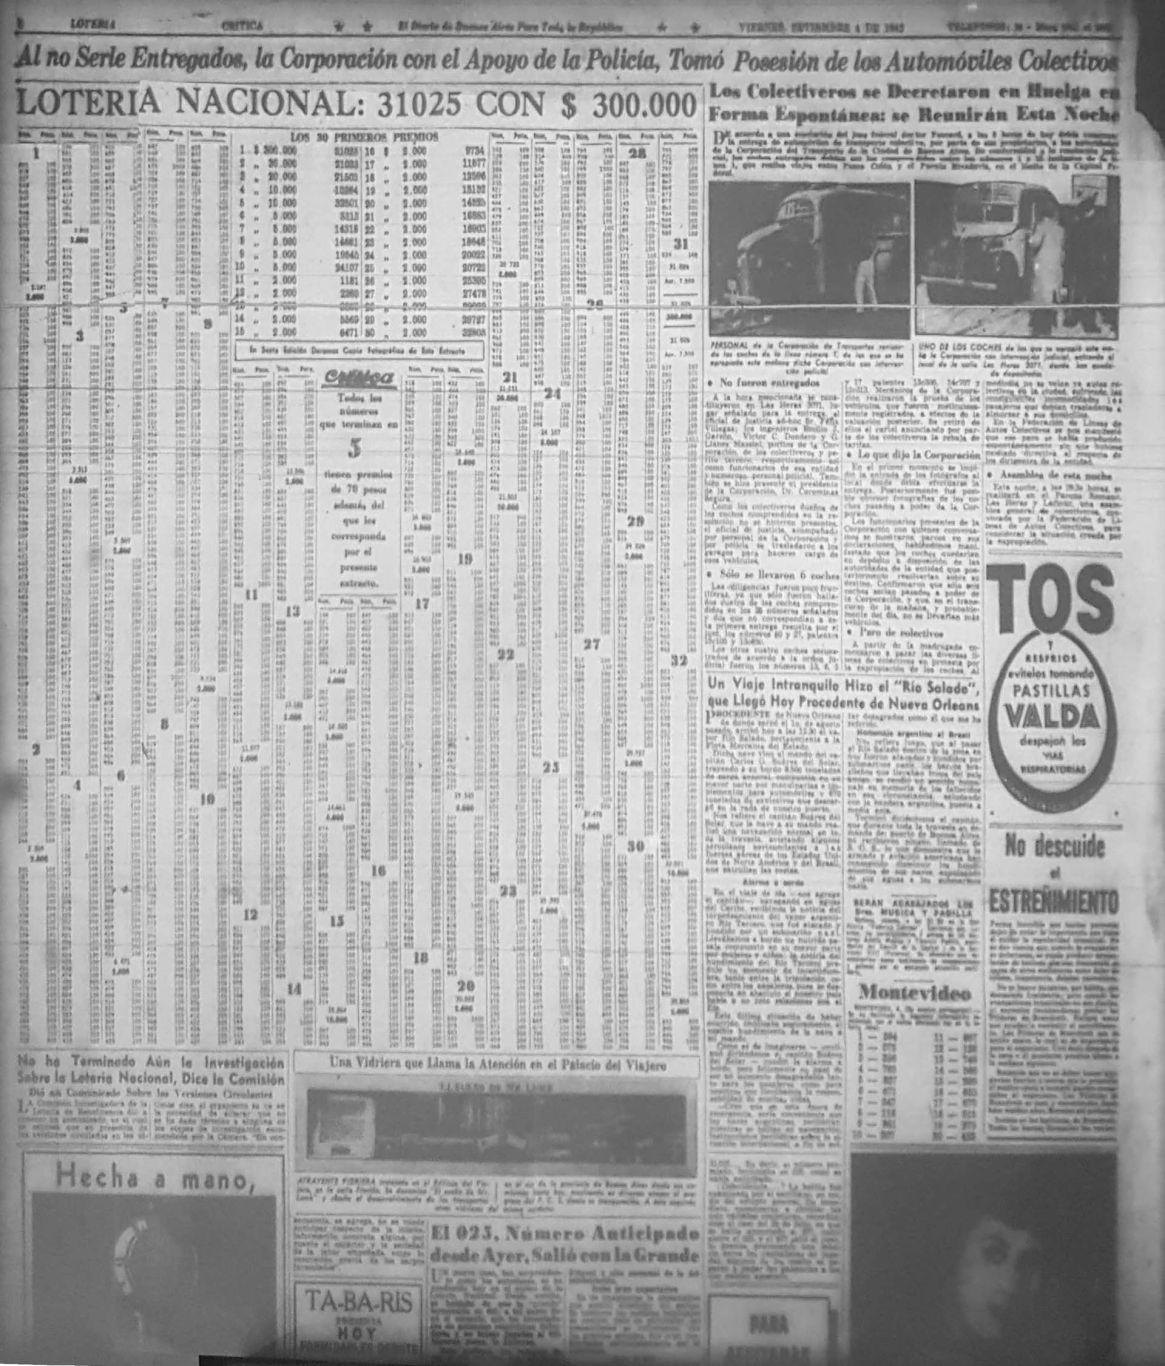 El anuncio de la jugada ganadora del 4 de septiembre de 1942 (Archivo General de la Nación)